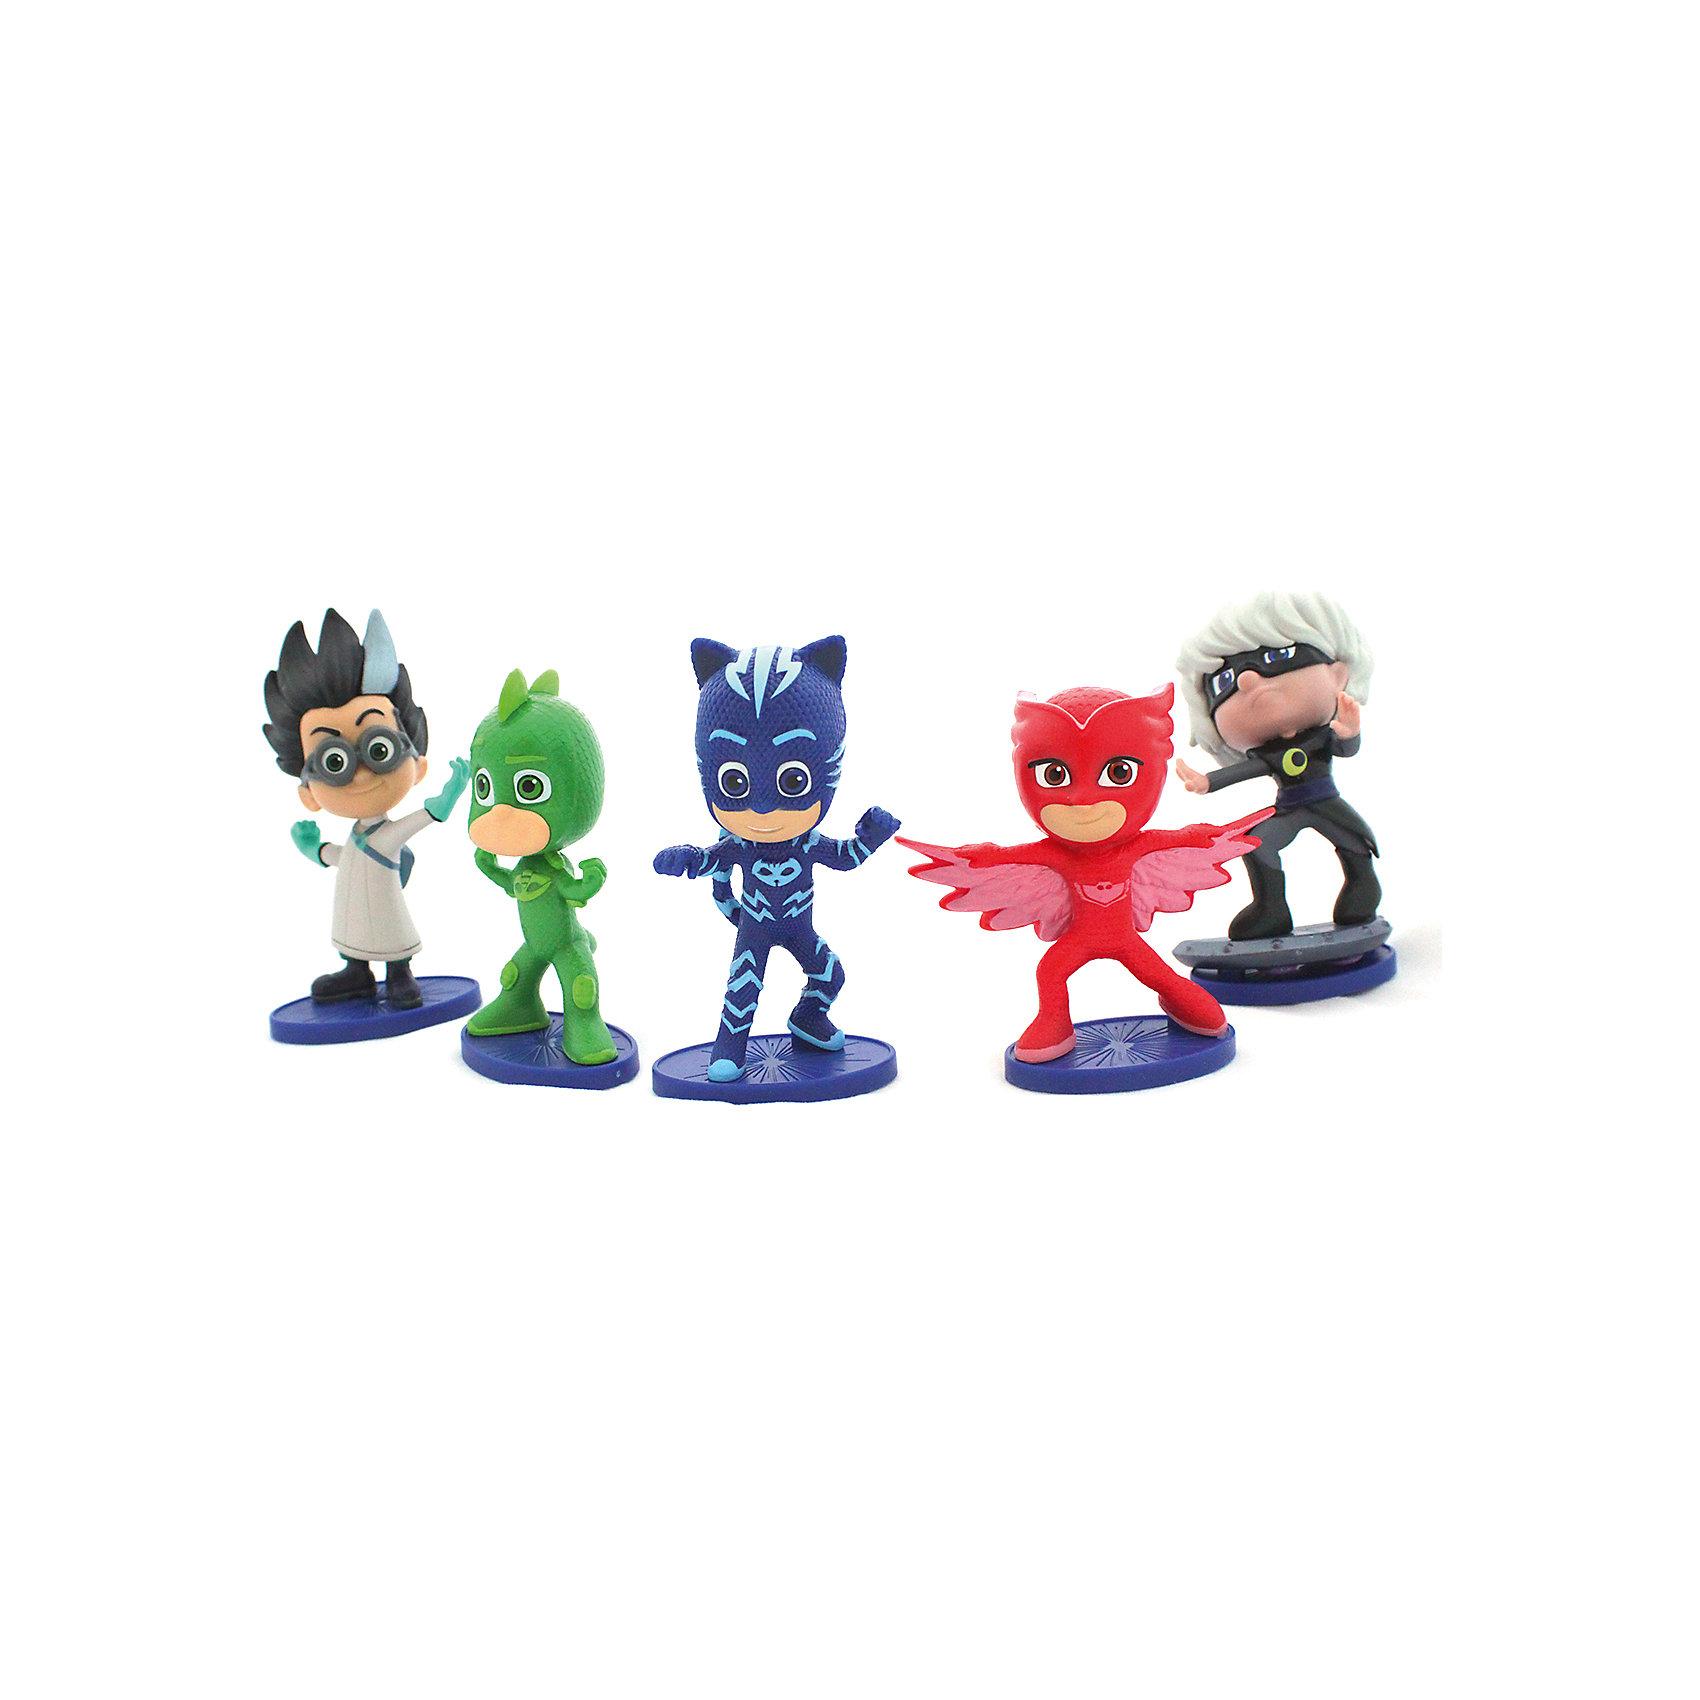 Игровой набор Герои в Масках, 5 фигурок, 8 см.Любимые герои<br>Юные поклонники мультфильма Герои в масках будут счастливы, когда получат в подарок набор из 5-ти фигурок любимых персонажей. Играя с ними, дети будут весело проводить время, развивая воображение, речь и навыки общения.&#13;<br>В наборе Герои в масках 5 фигурок высотой 8 см с подвижными ручками и ножками. Игрушки выполнены из качественного пластика. Товар сертифицирован. Упаковка - блистер.<br><br>Ширина мм: 305<br>Глубина мм: 150<br>Высота мм: 80<br>Вес г: 321<br>Возраст от месяцев: 36<br>Возраст до месяцев: 2147483647<br>Пол: Унисекс<br>Возраст: Детский<br>SKU: 5577974